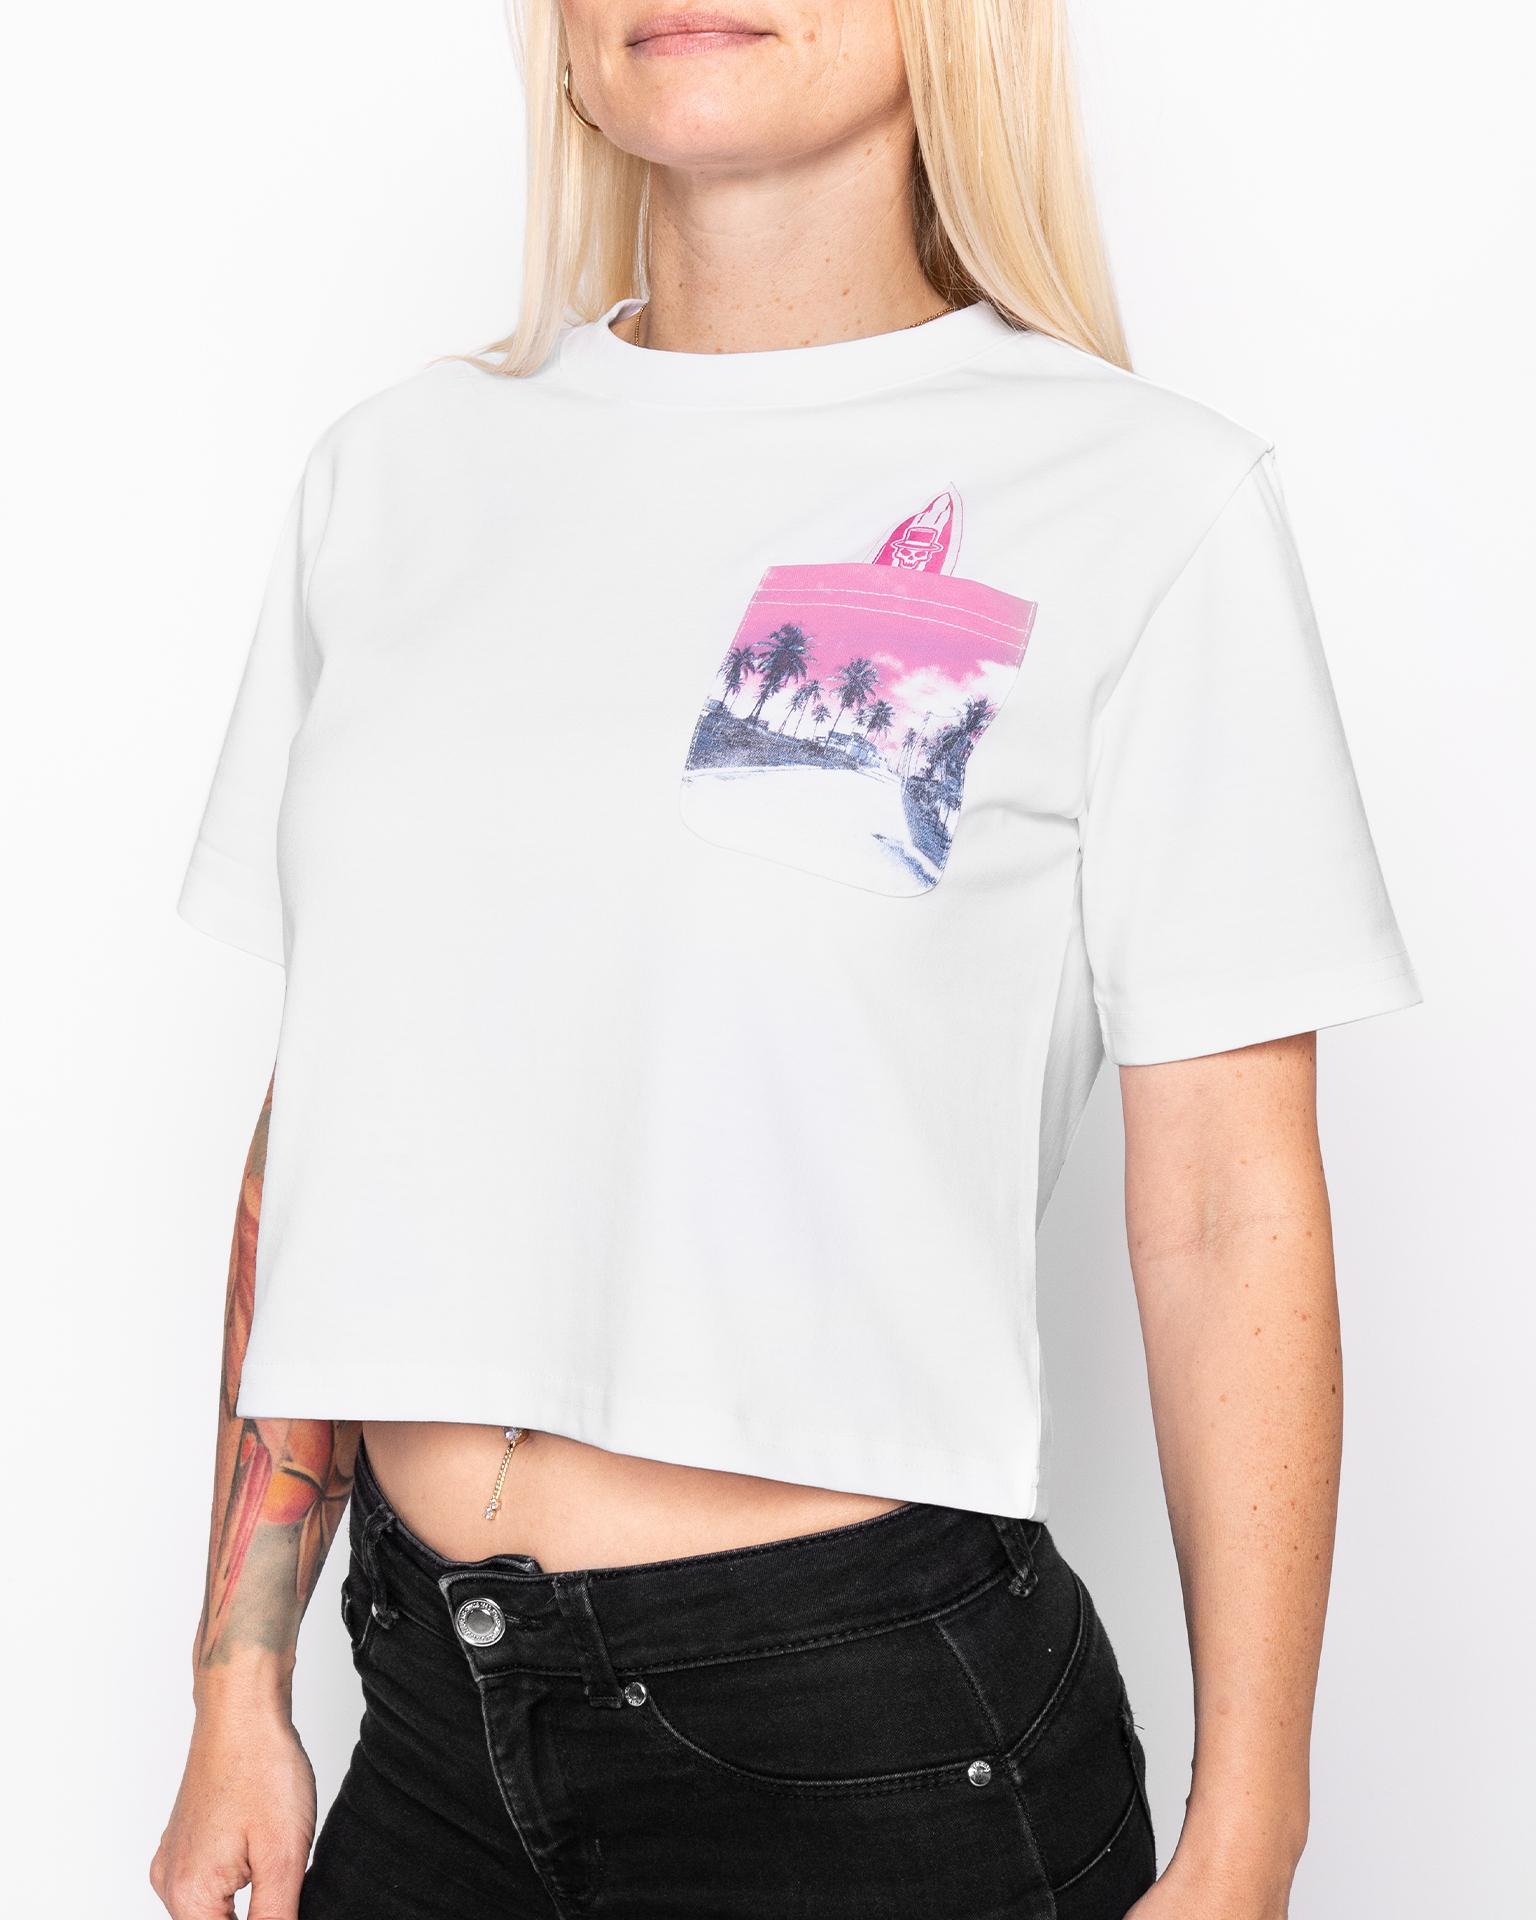 Cropped Girlyshirt | Keona | Weiss